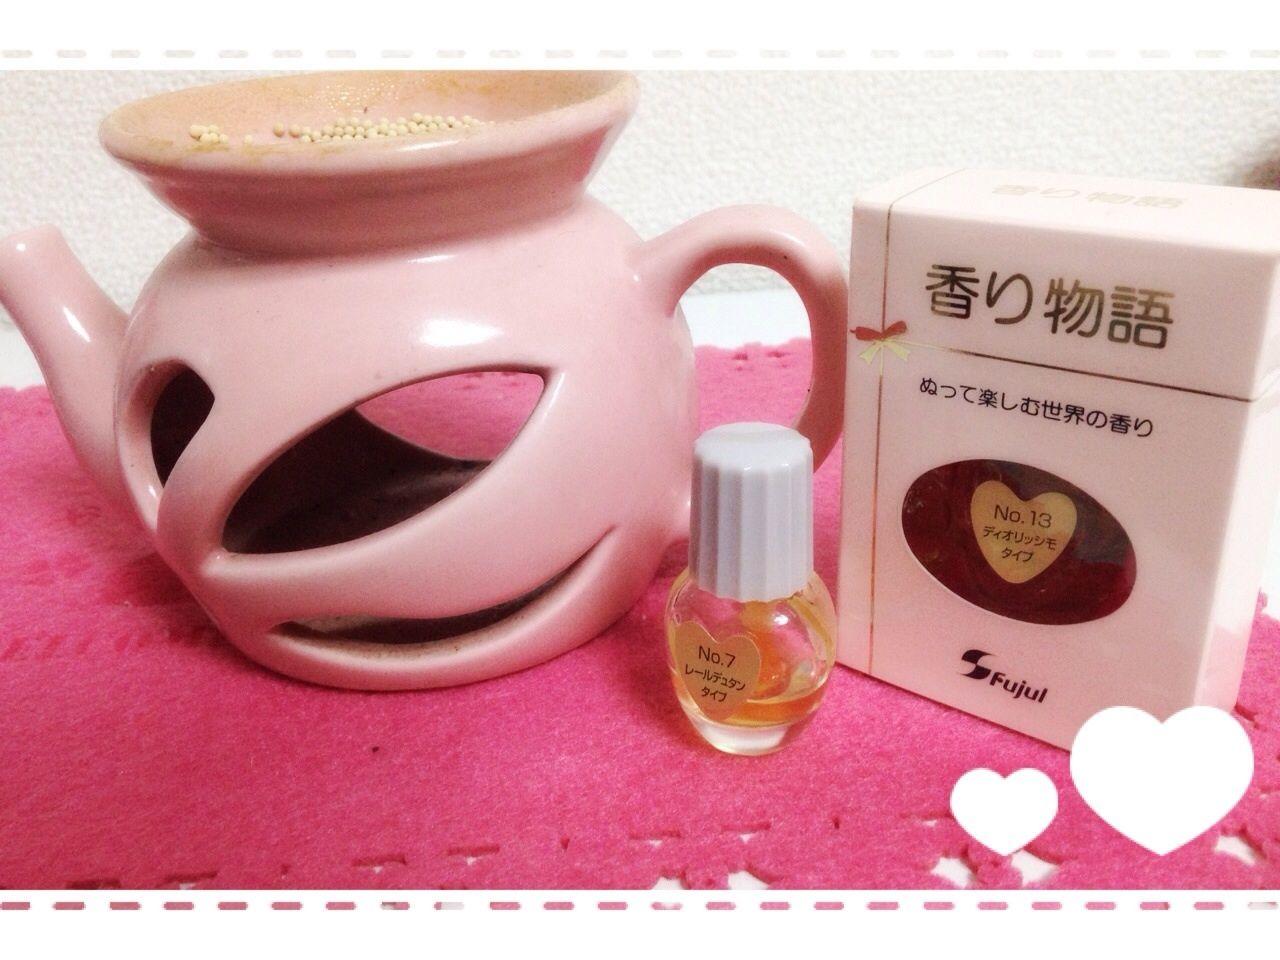 塗る香水/ミスディオール(ディオール)タィプ